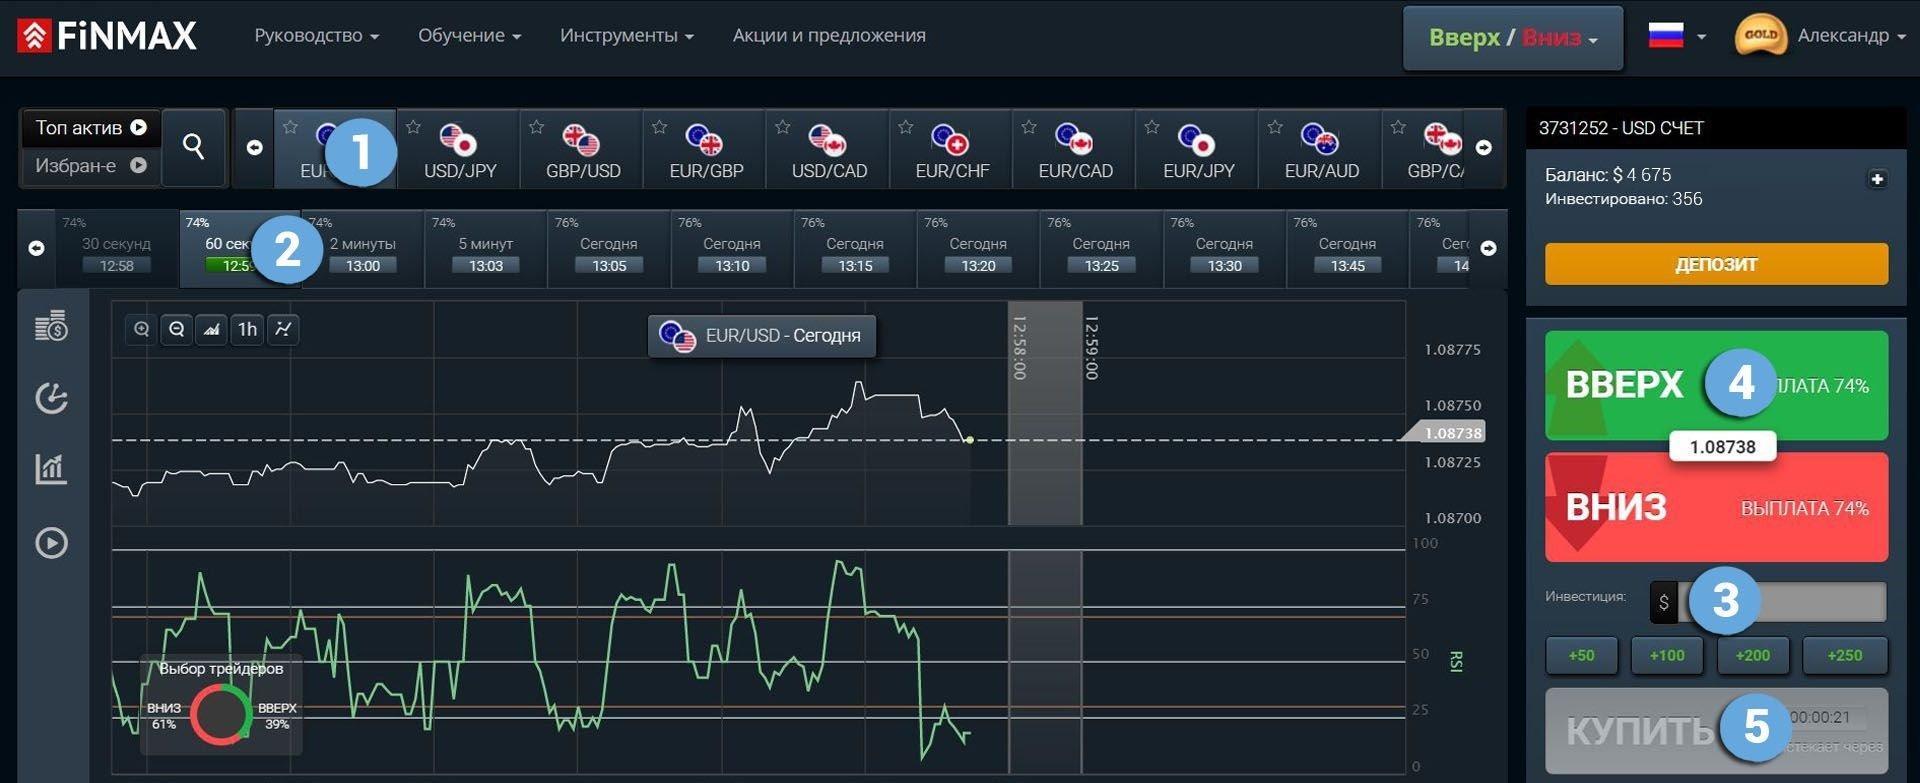 Восходящая тенденция рынка на платформе Метатрейдер 4